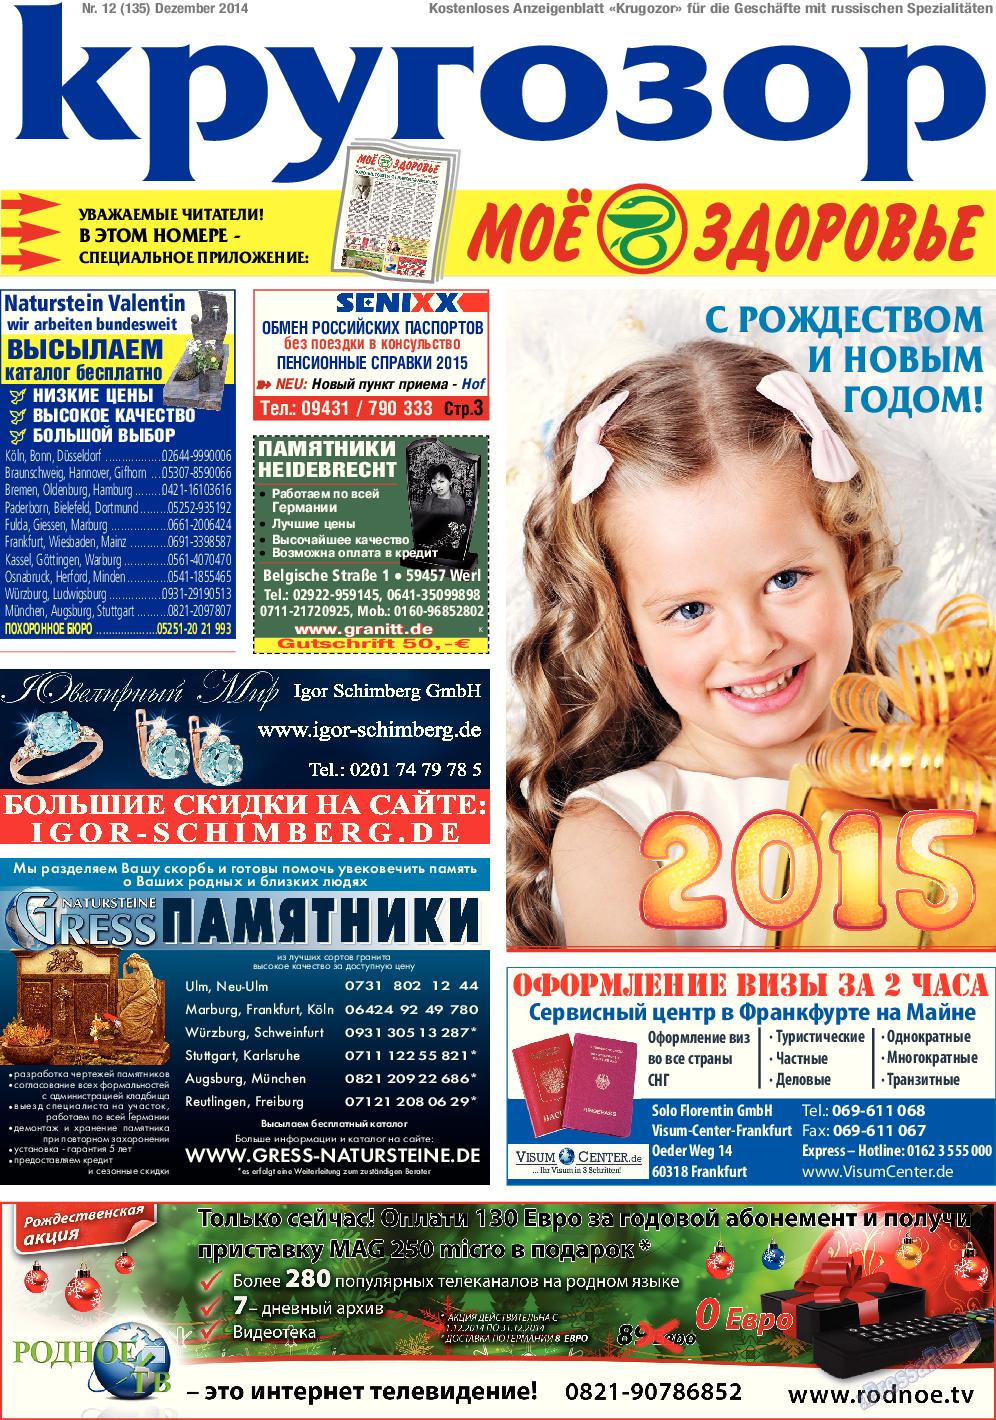 Кругозор (газета). 2014 год, номер 12, стр. 1